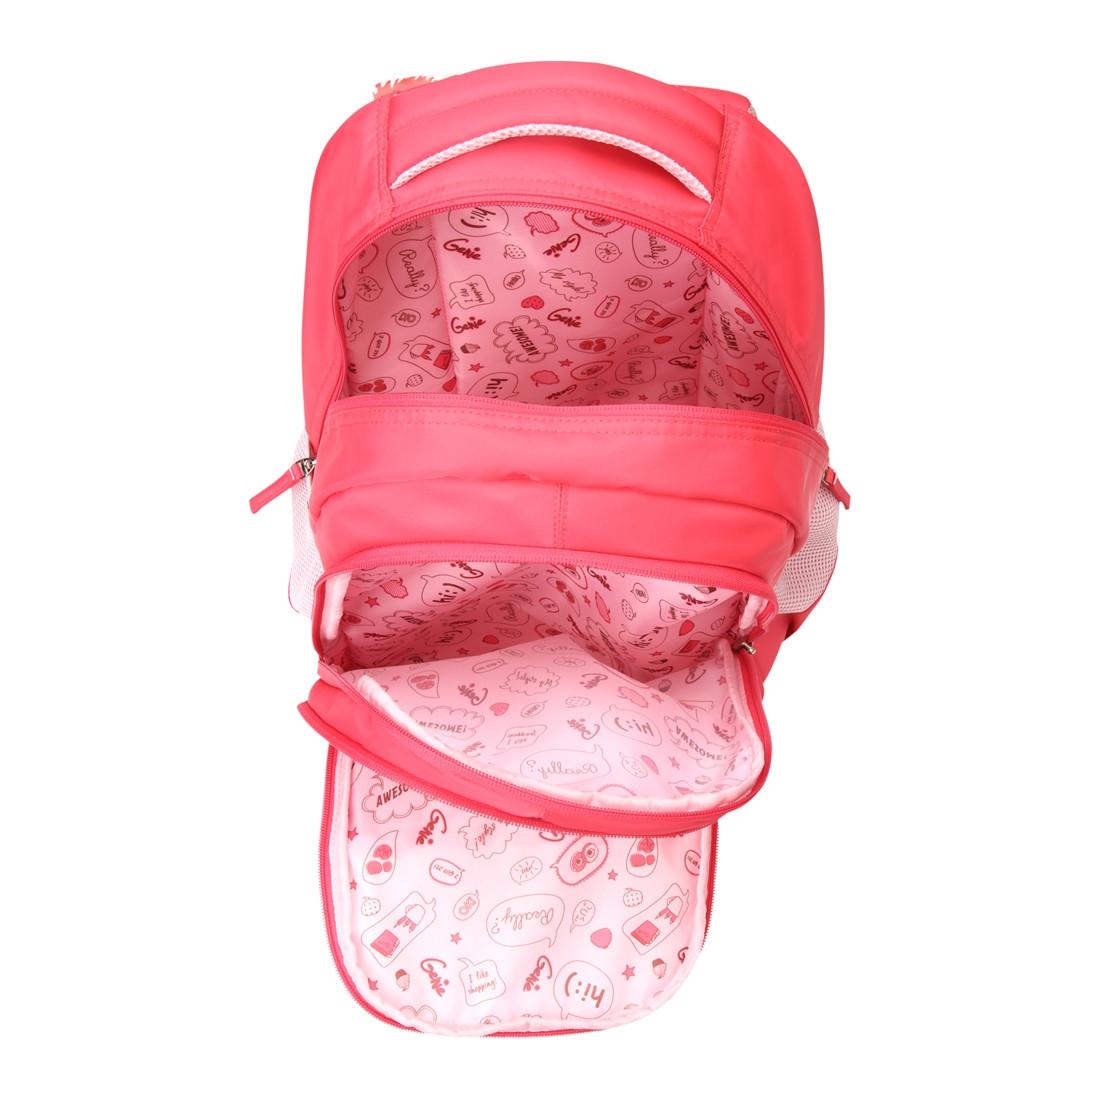 Genie Paris Pink 18 School Bags For Girls